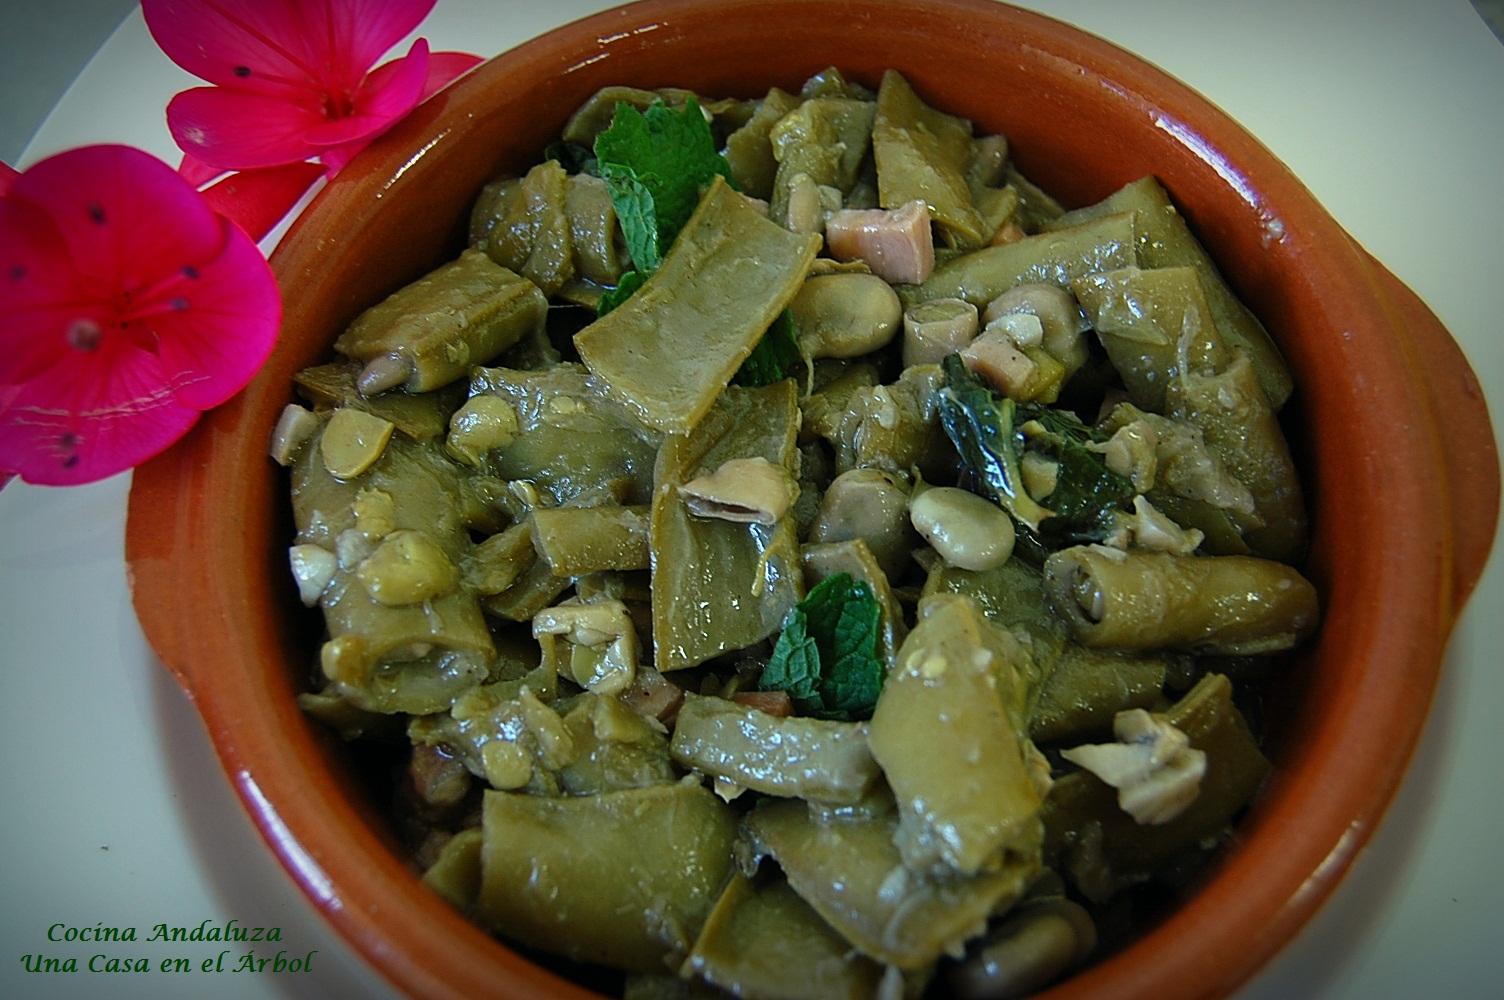 Cocina andaluza habas con c scaras - Habas frescas con jamon ...